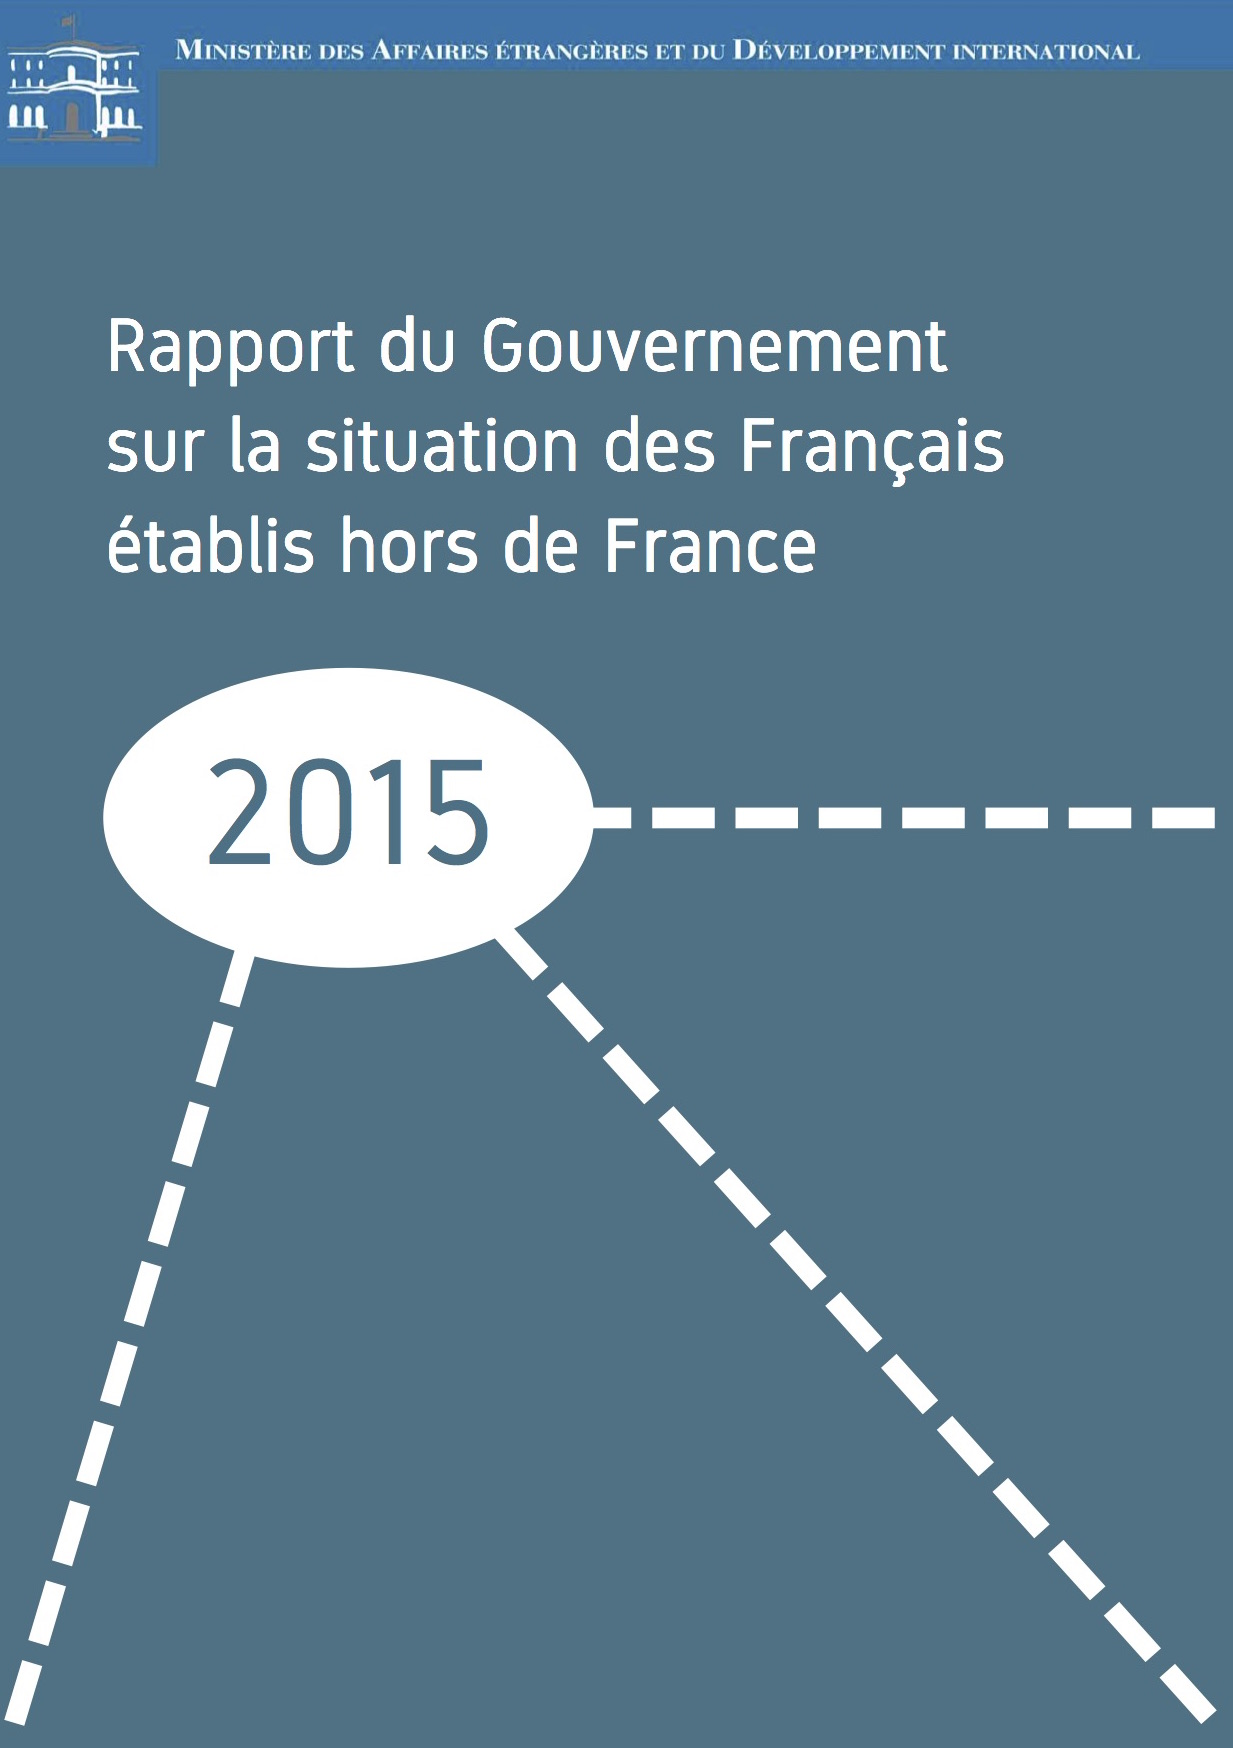 rapport_du_gouvernement_sur_la_situation_des_francais_etablis_hors_de_france_2015_